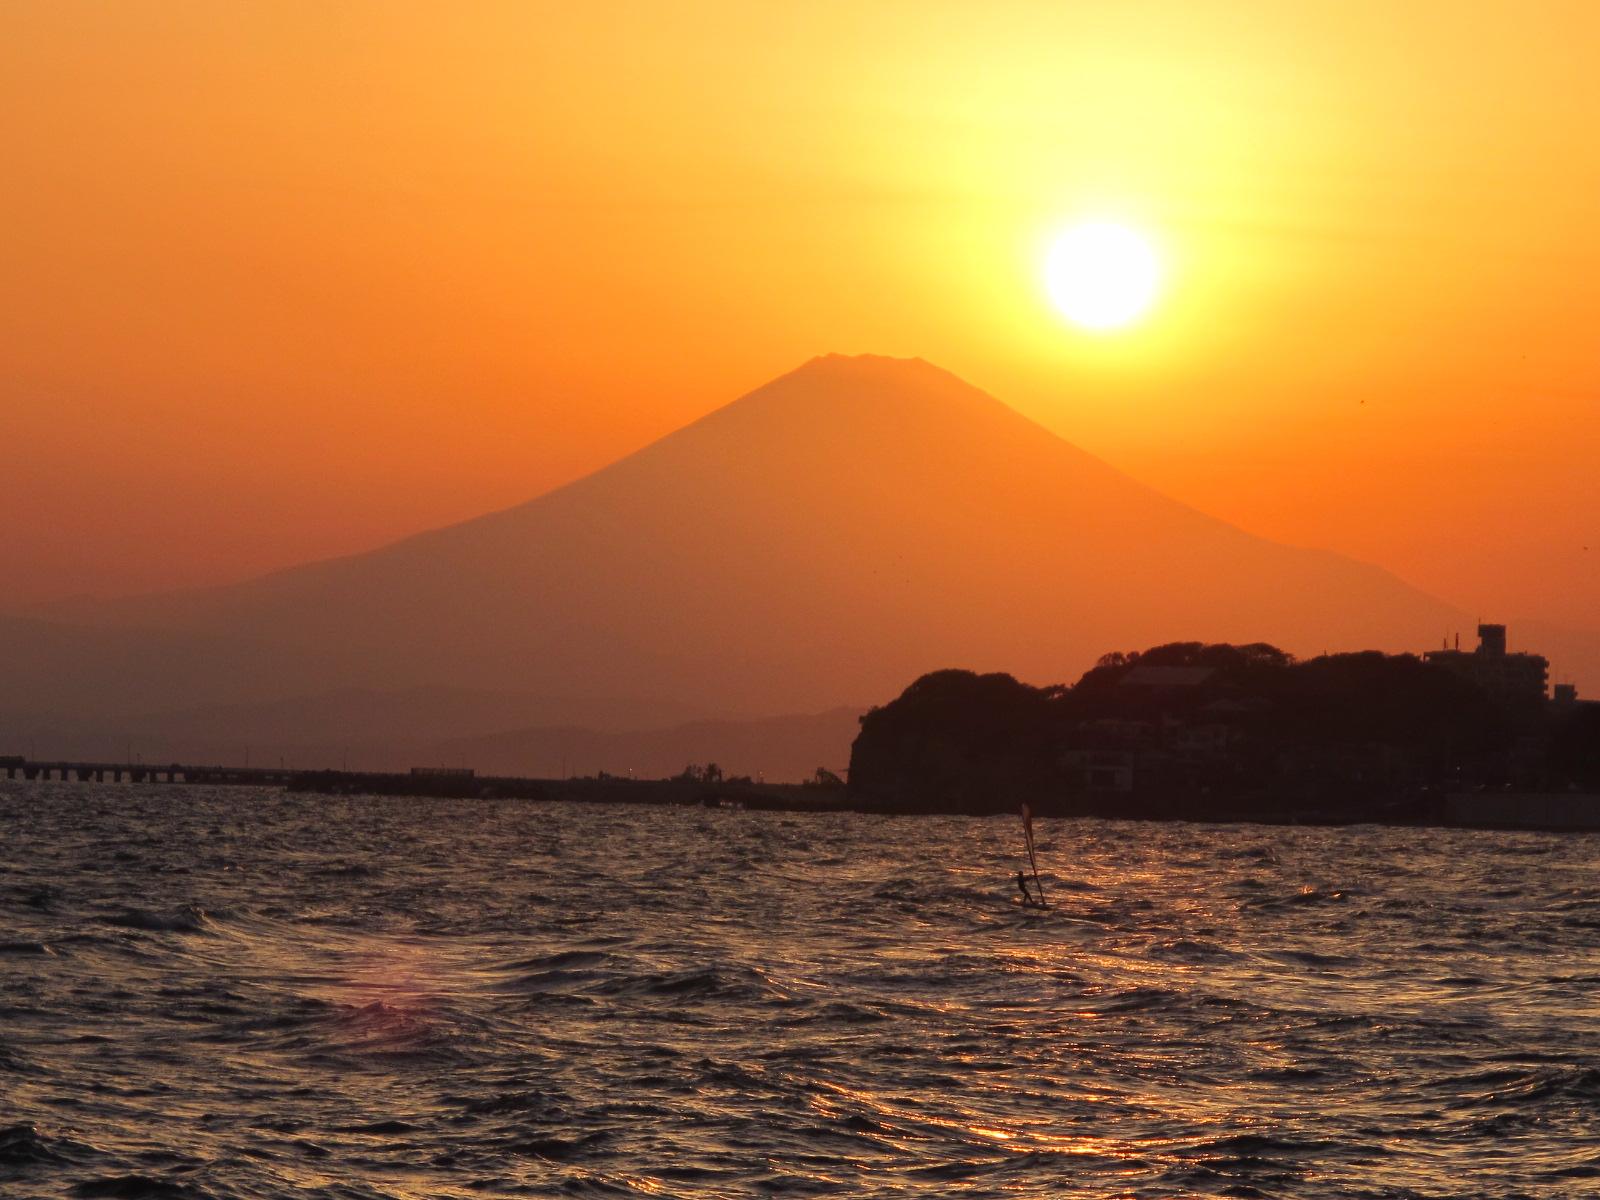 金色に耀く、ゴールデン富士・・・9_c0075701_21561522.jpg